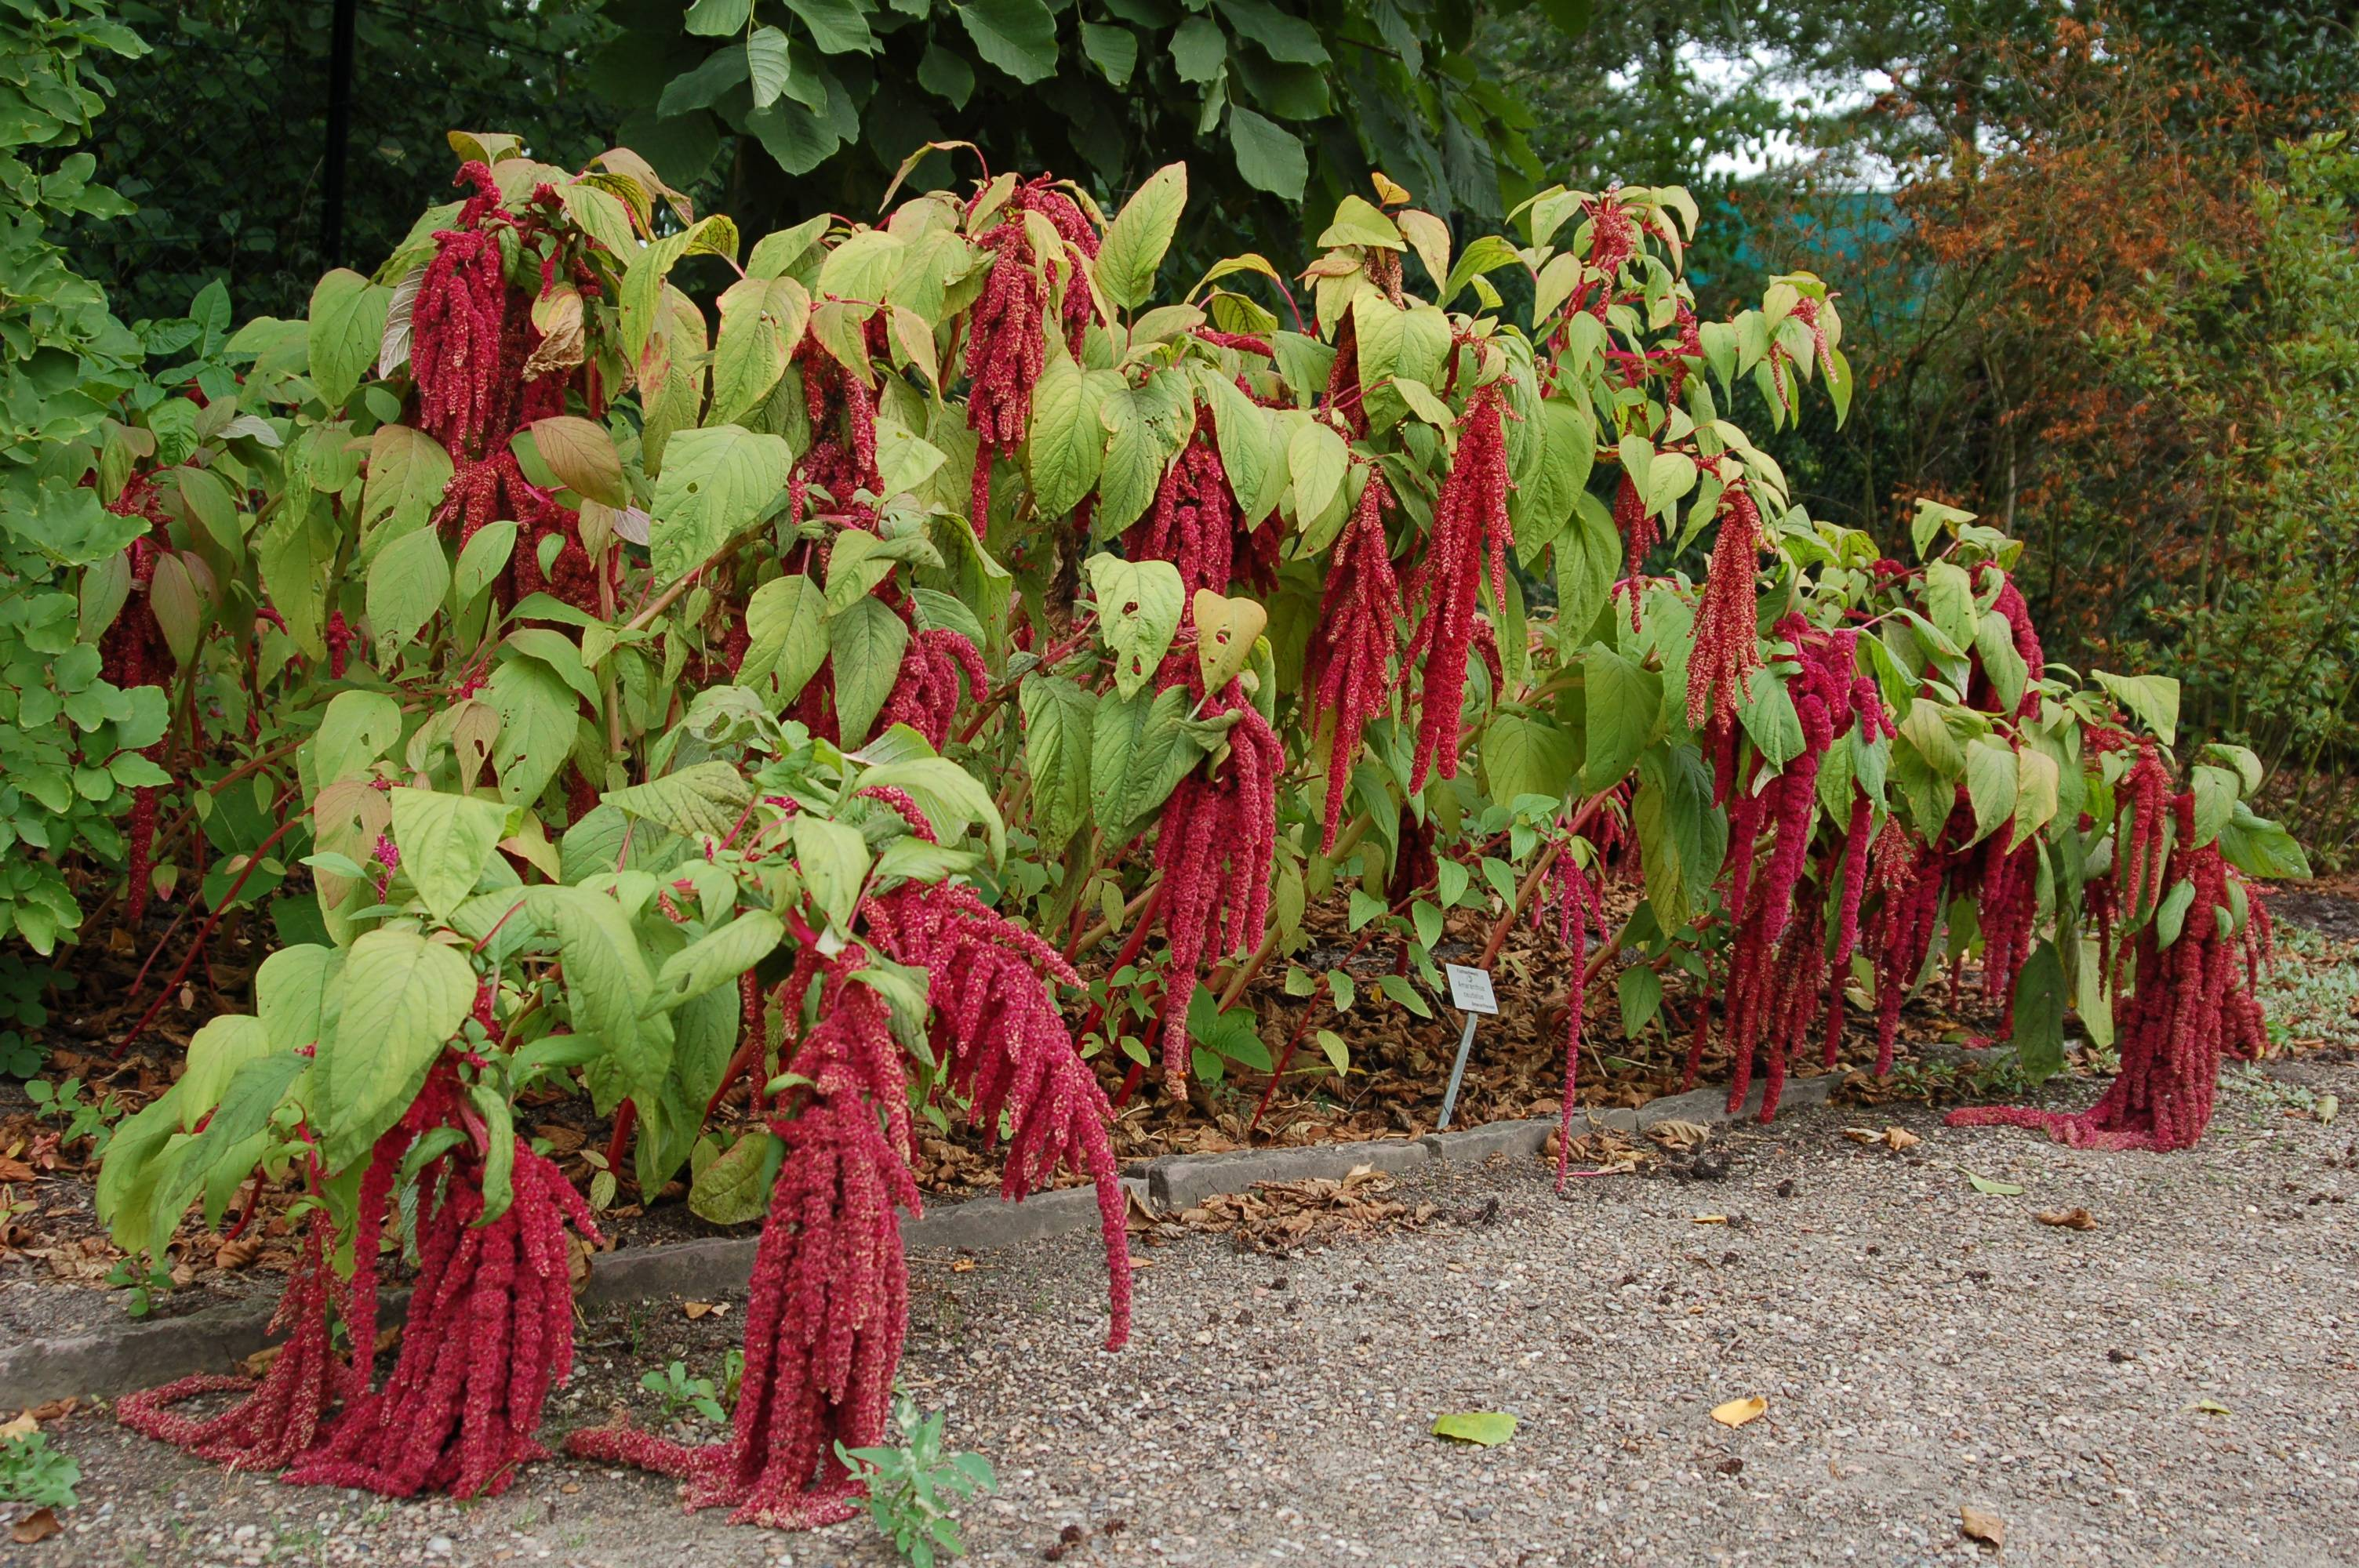 Садовый цветок амарант: характеристика и уход за растением